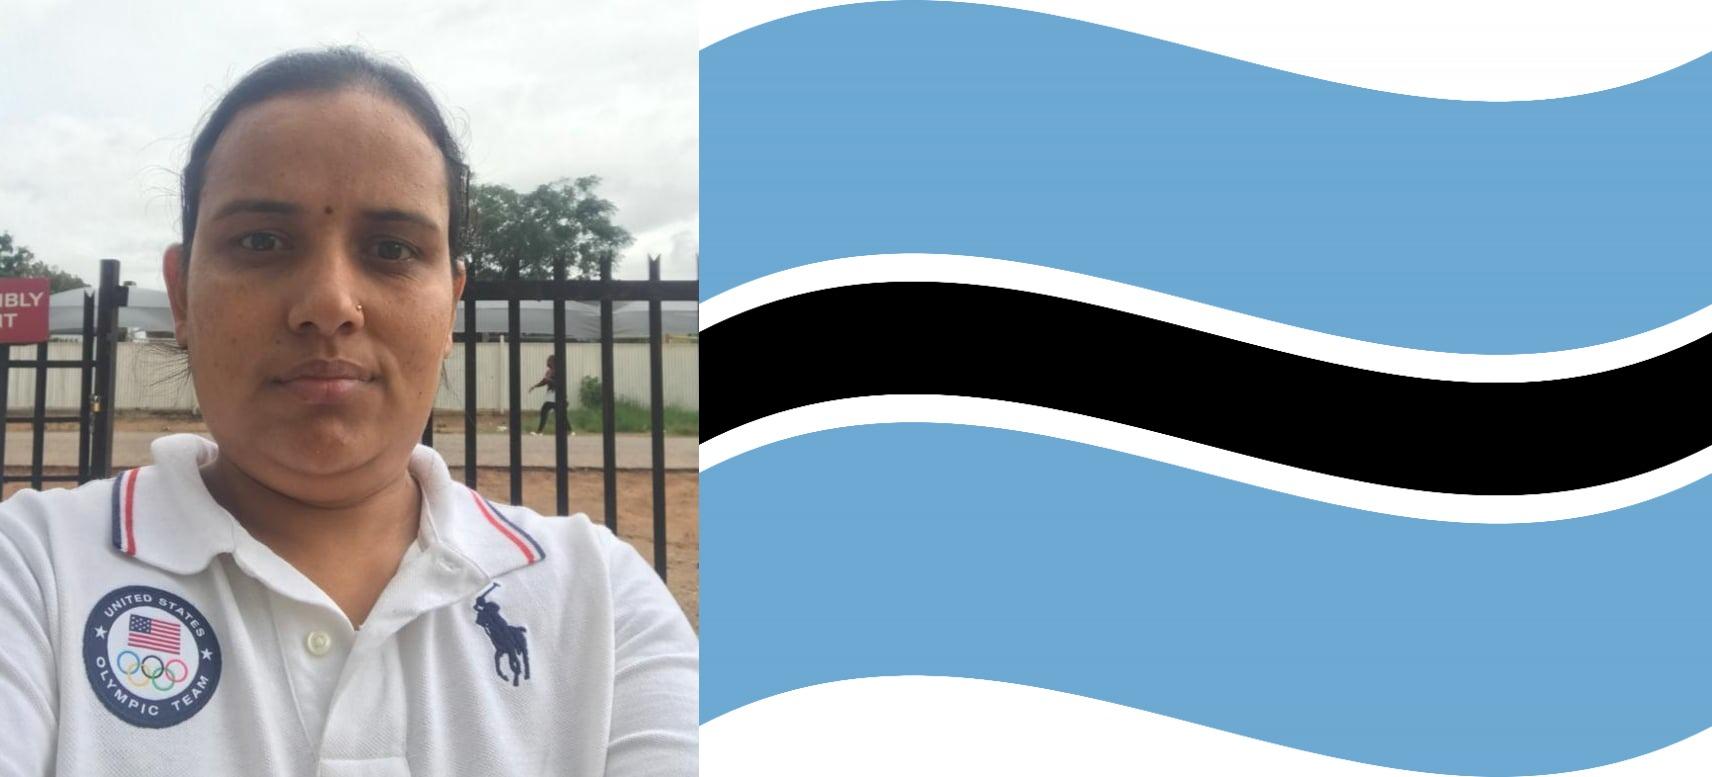 एनआरएनए बोत्स्वानाको अध्यक्षमा भण्डारी निर्विरोध